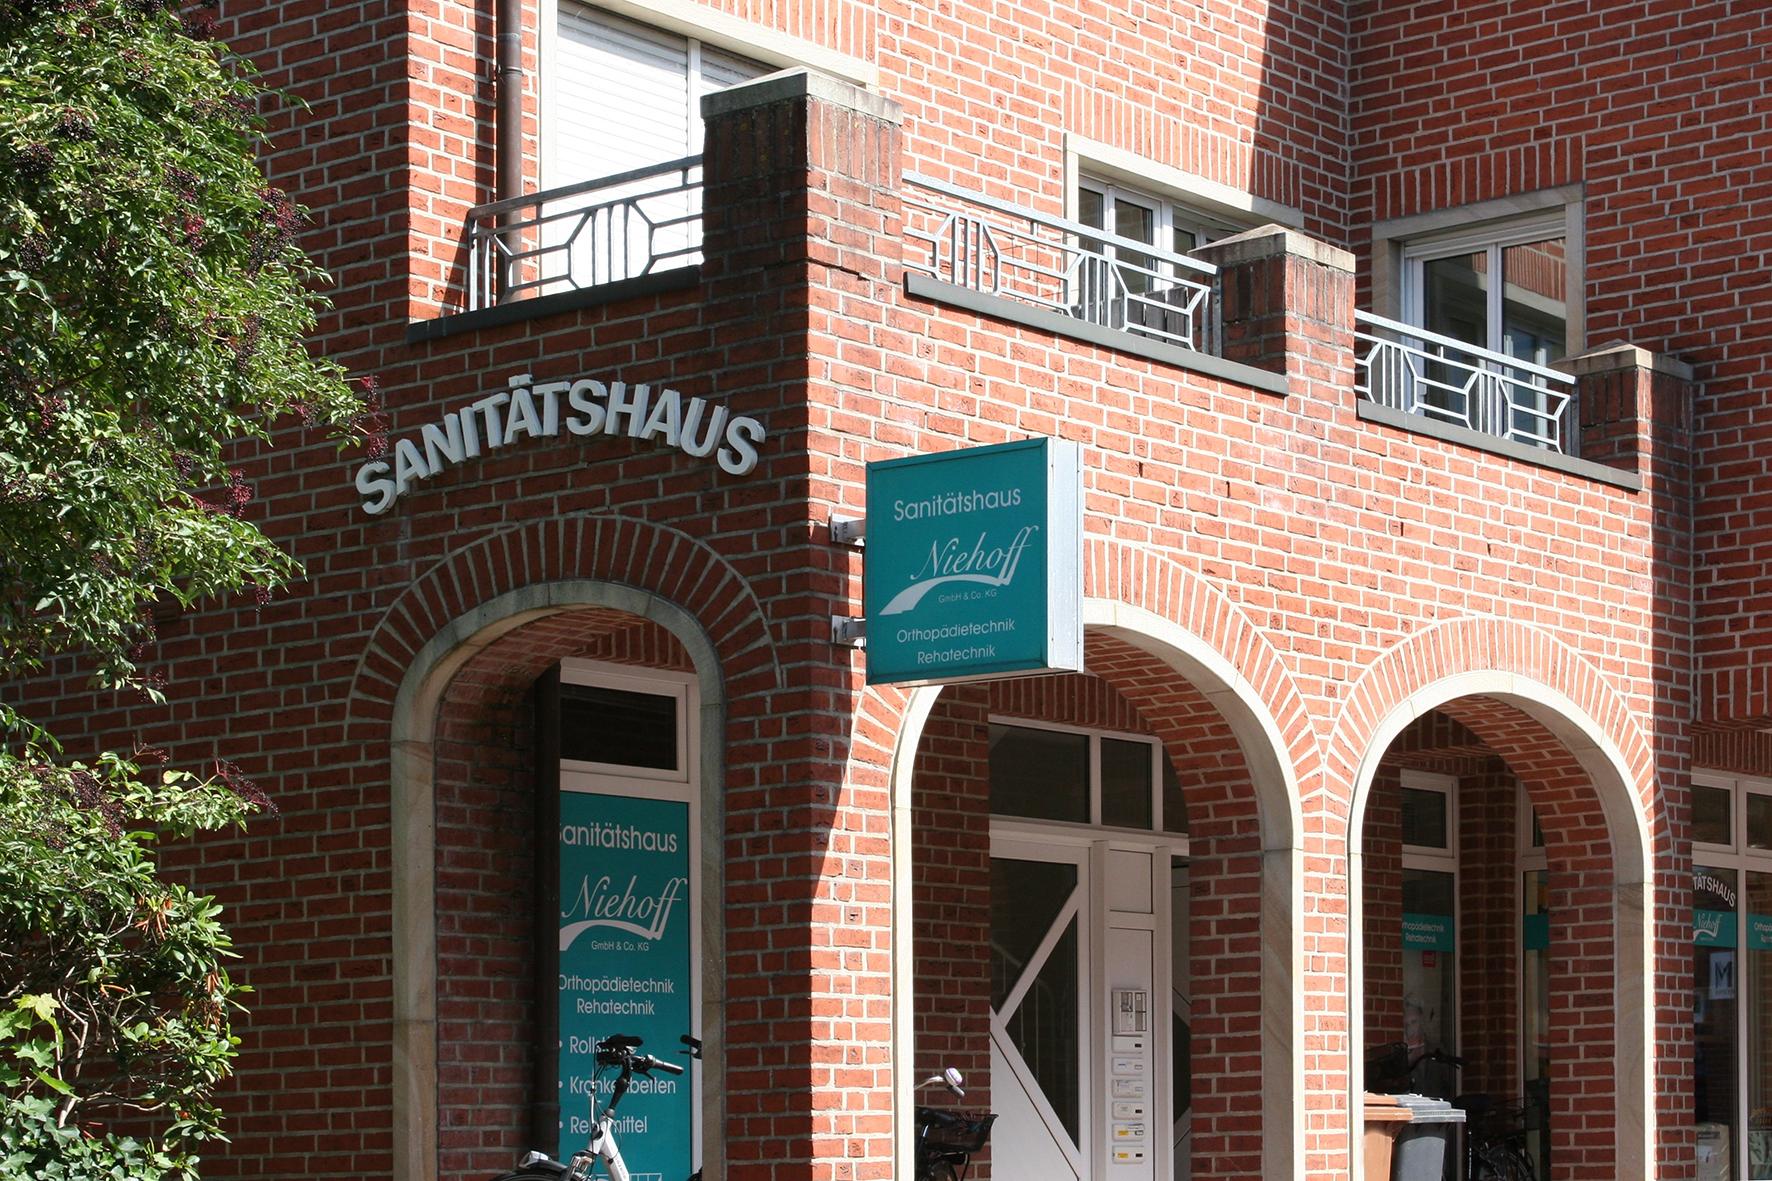 Sanitätshaus Niehoff, Nebeneingang